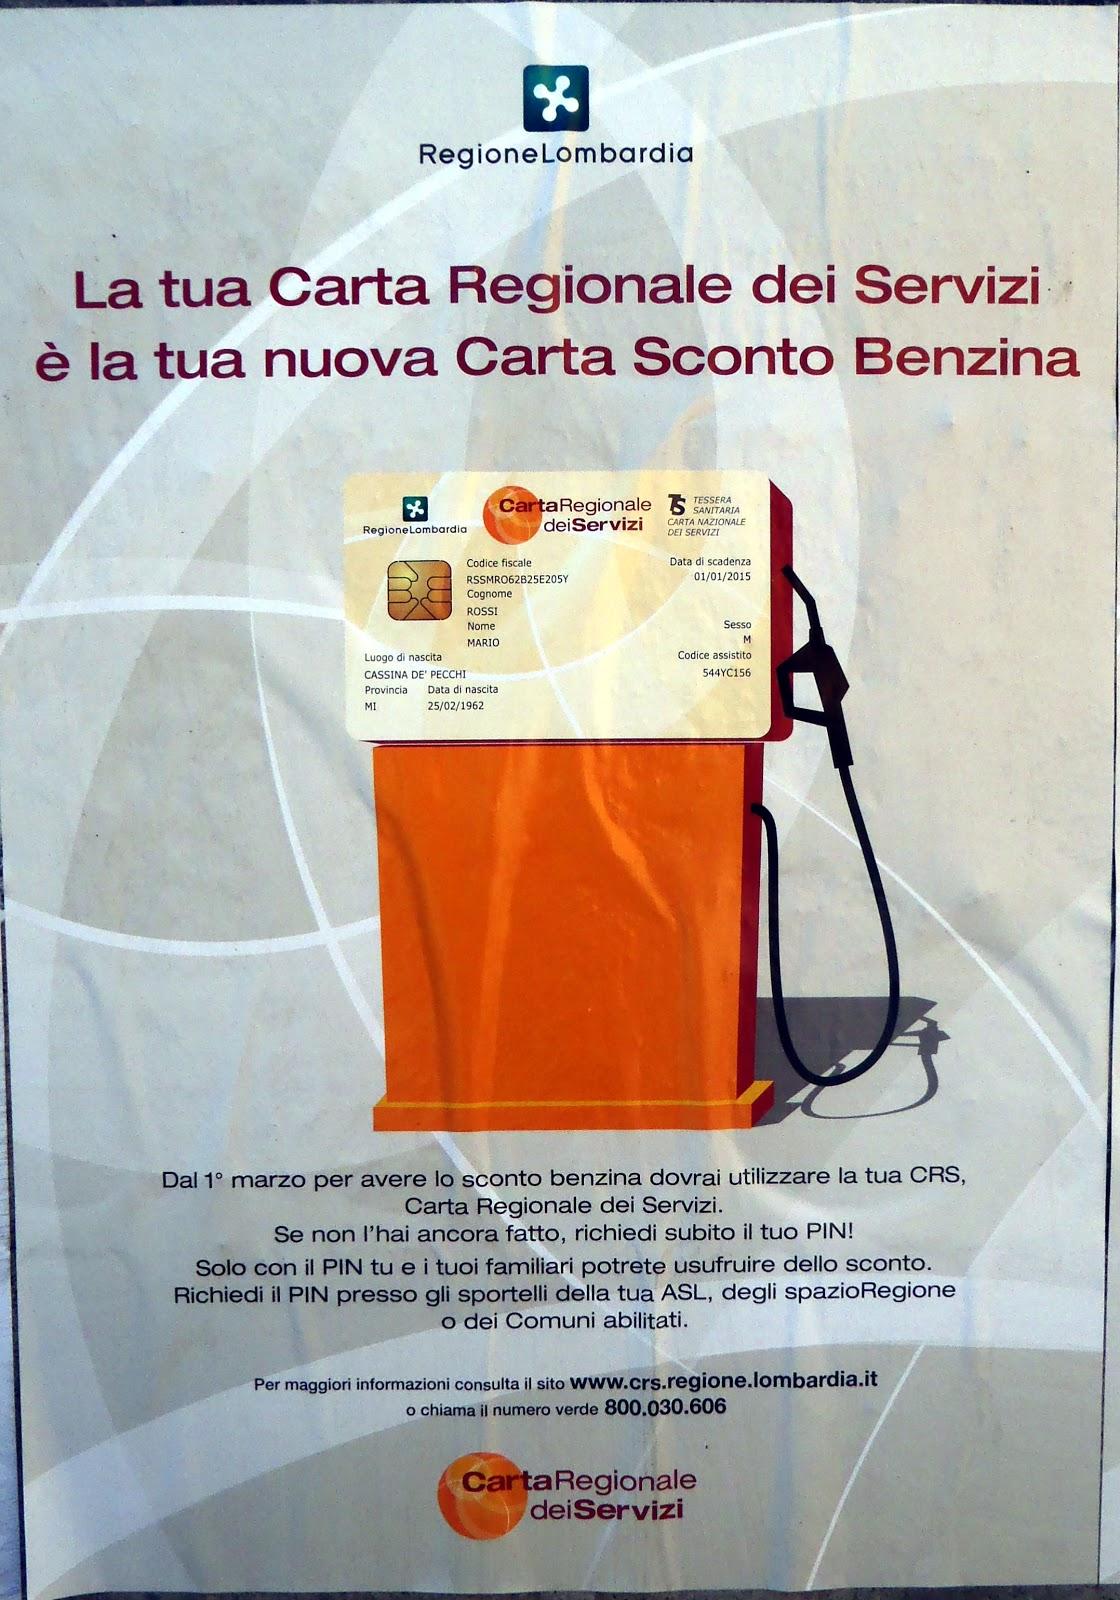 Unico lab la crs come carta sconto benzina in un poster for Carta regionale dei servizi fvg